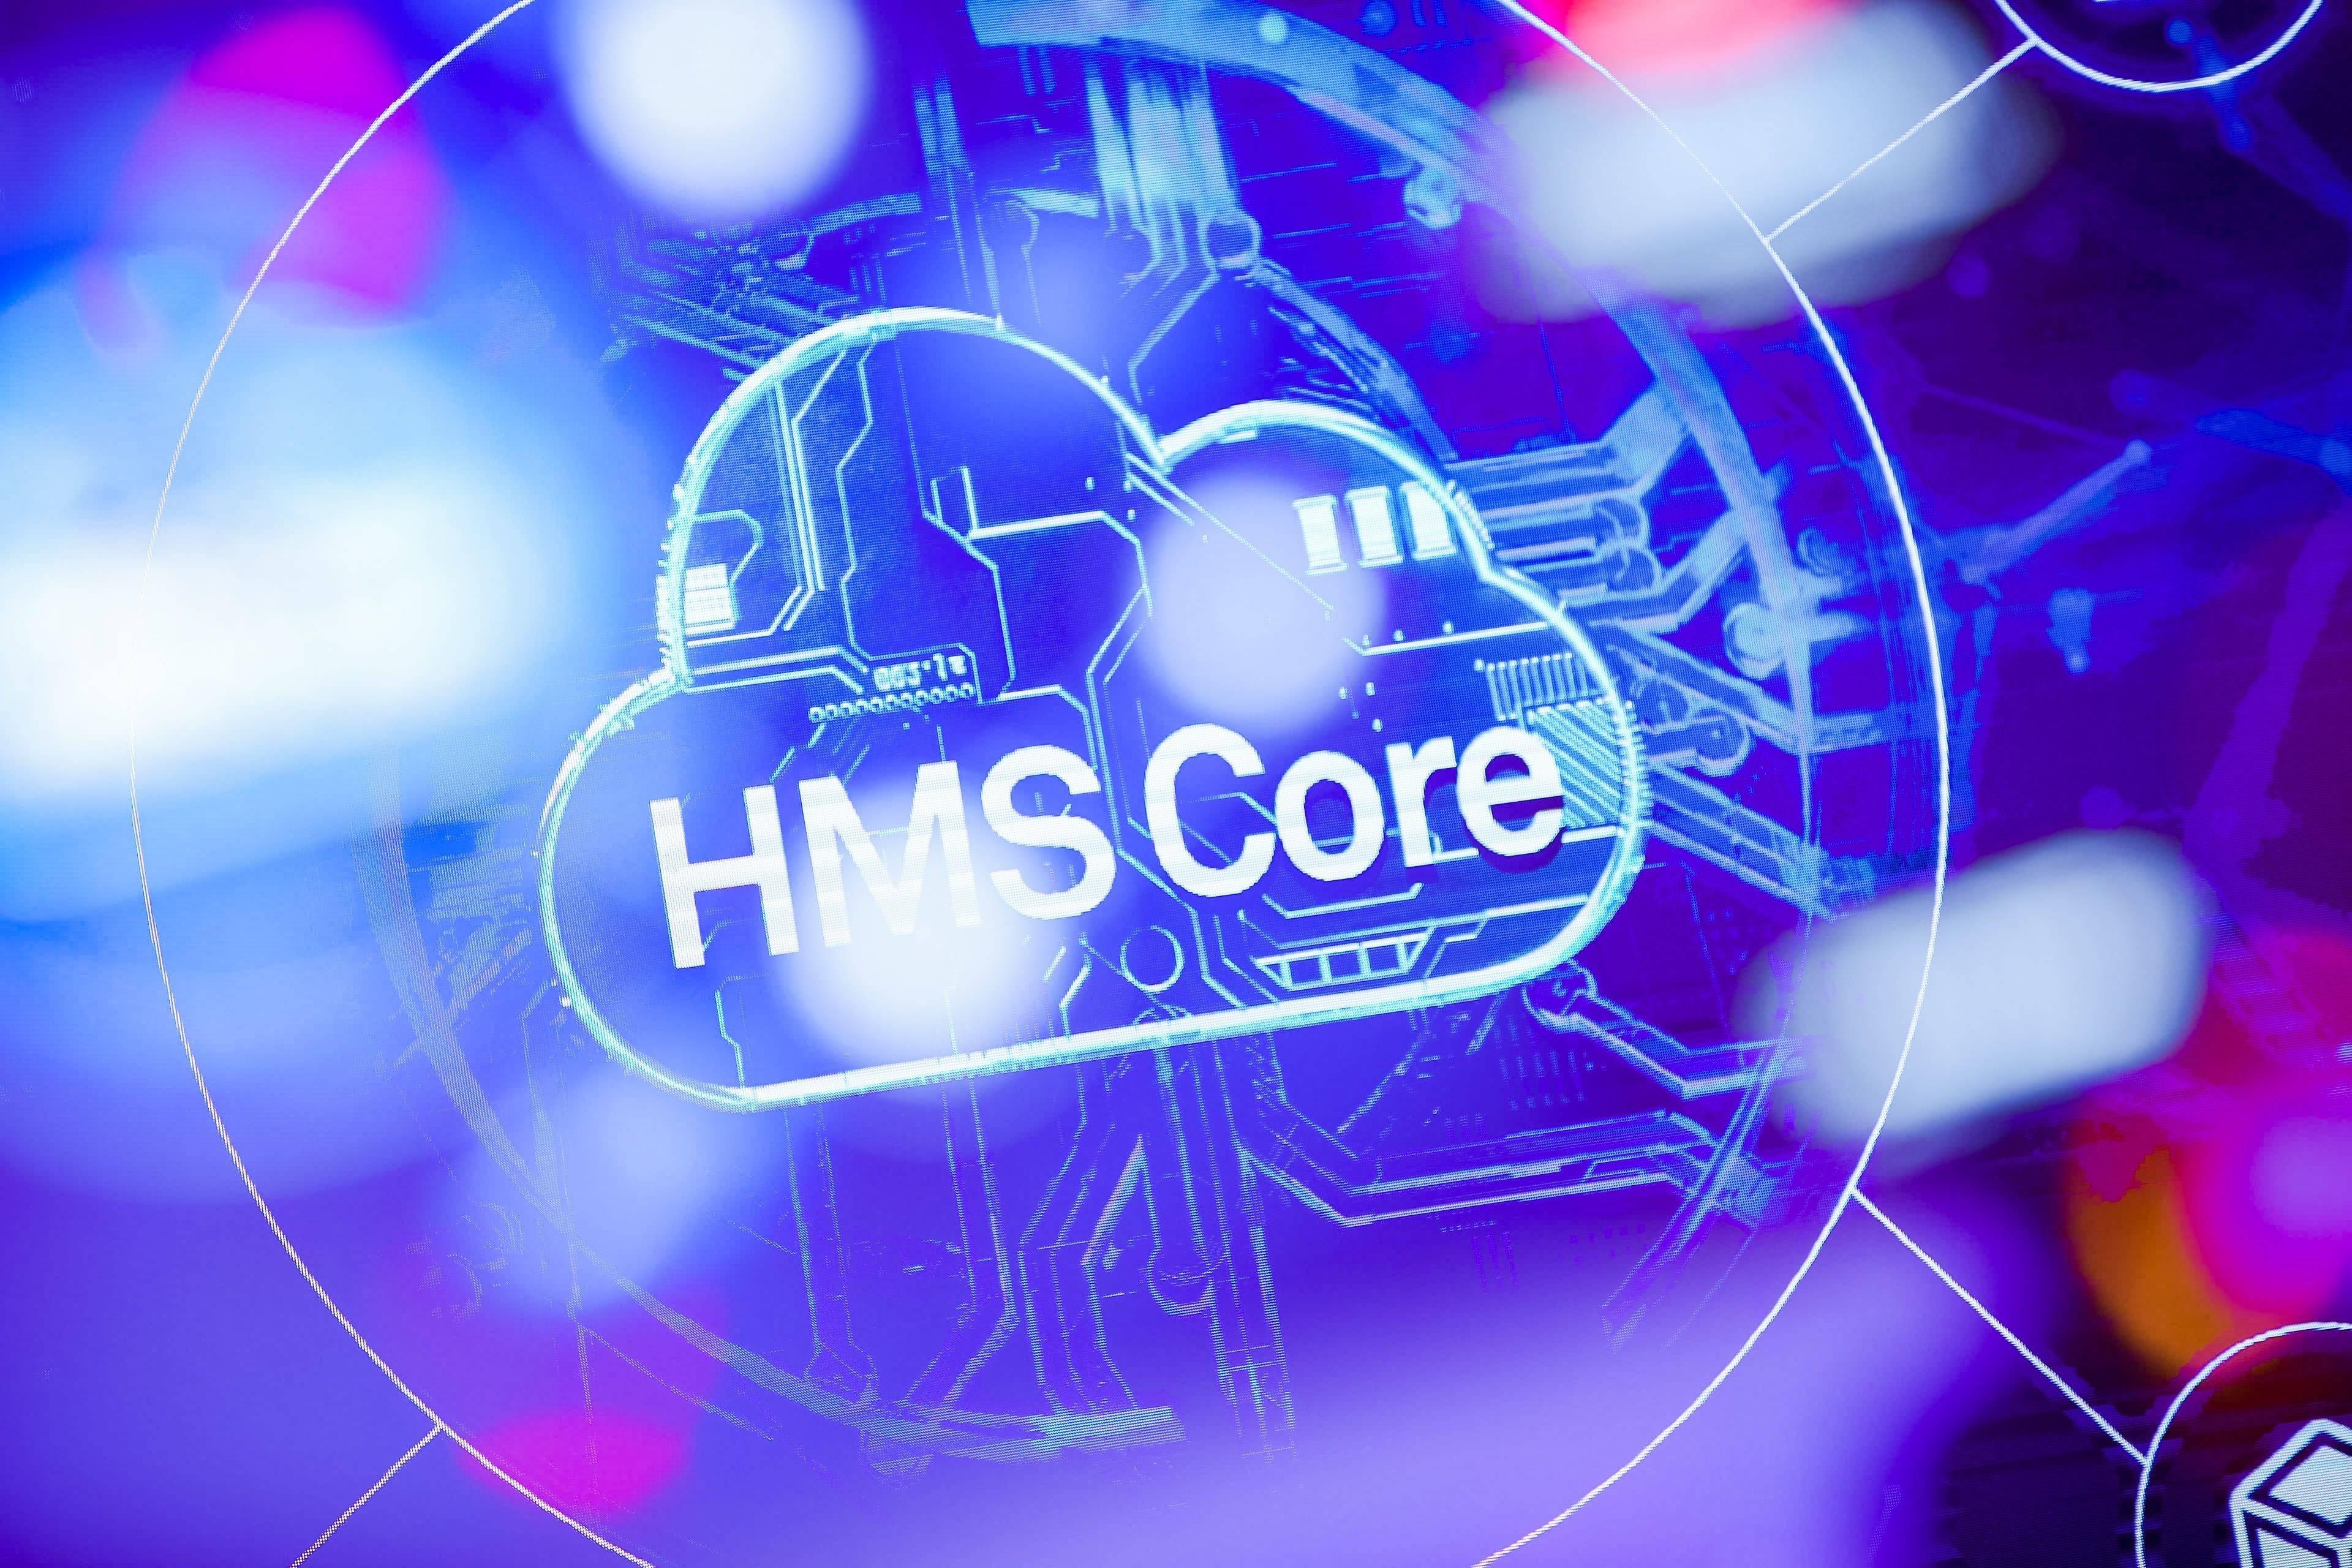 年度创新应用服务奖|华为 HMS Core:以技术撬动生态的顽强生命力